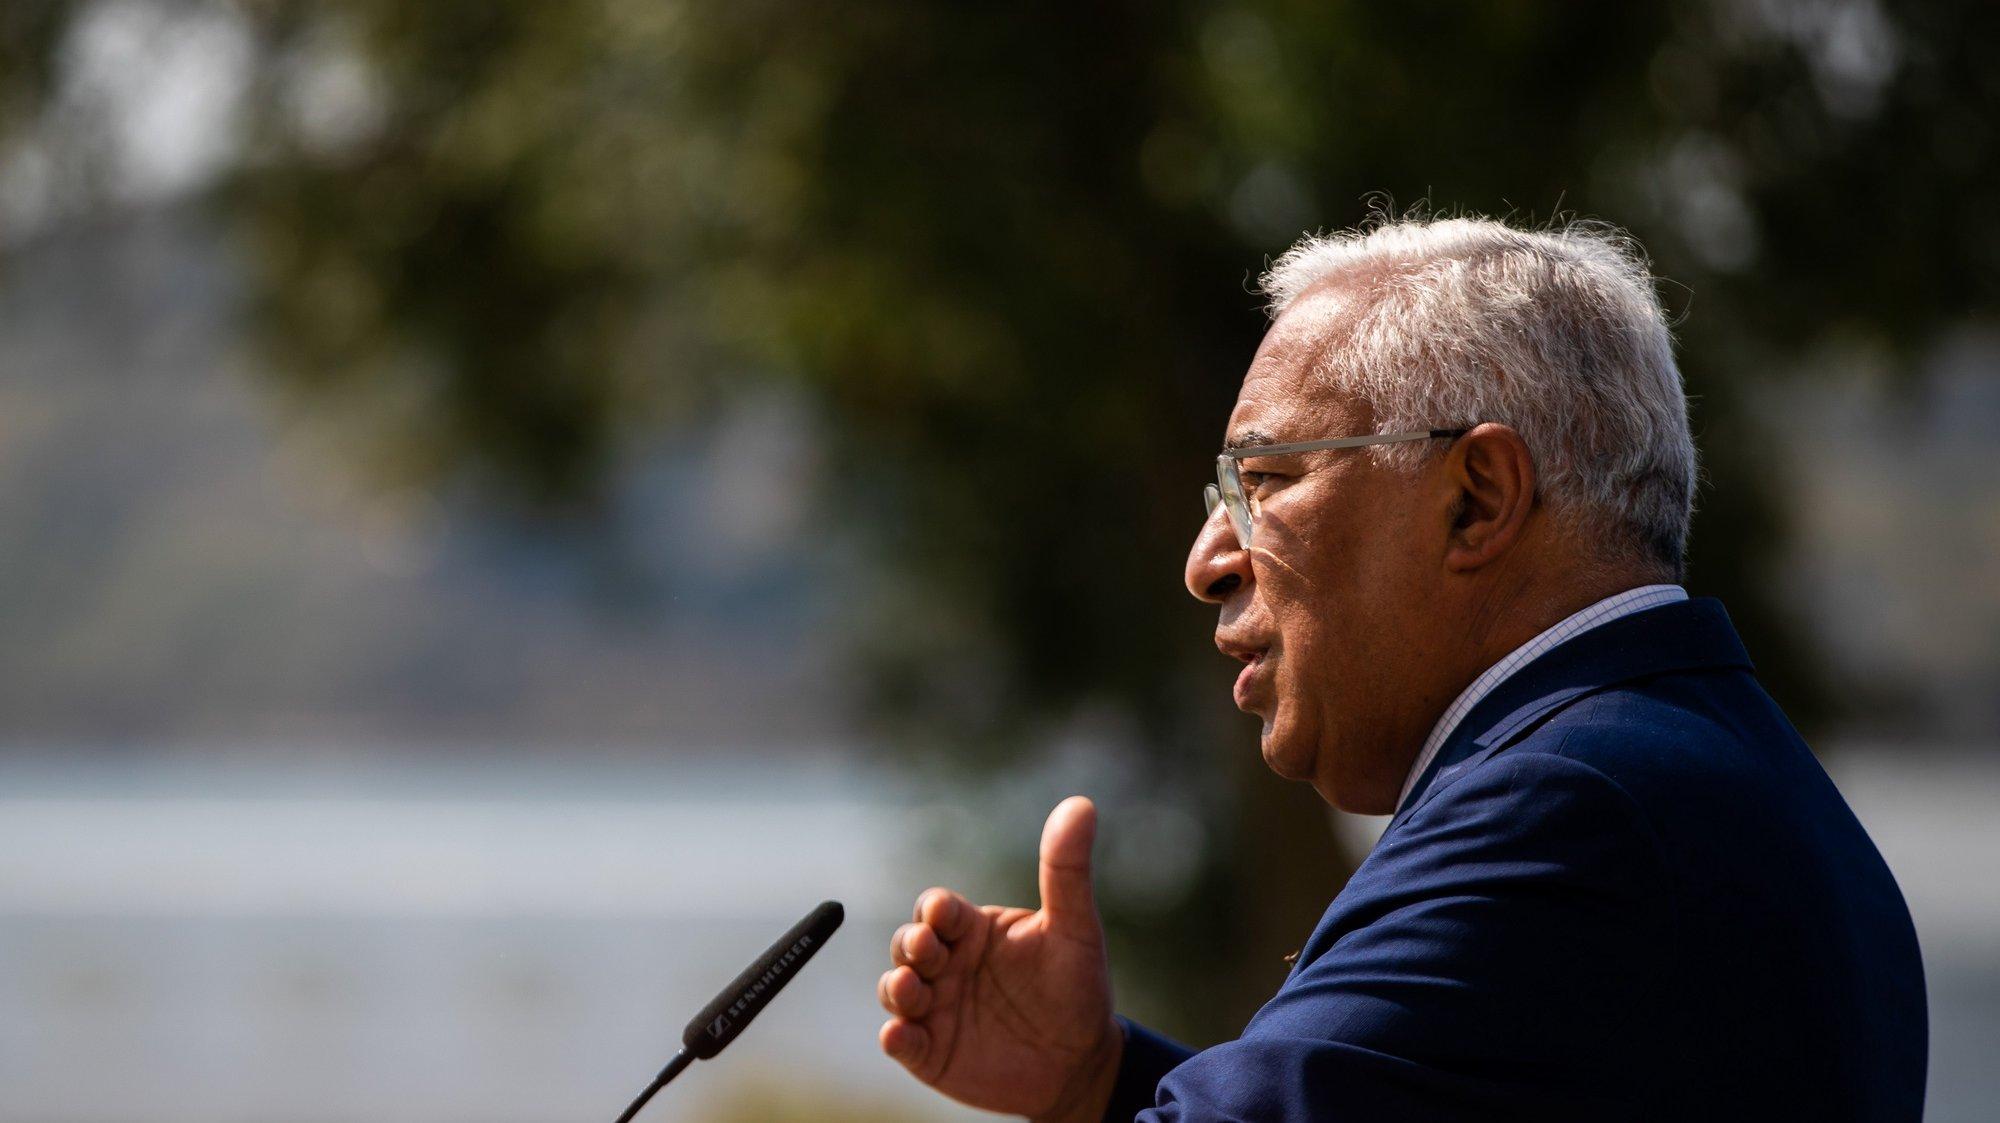 O primeiro-ministro, António Costa, usa da palavra durante uma sessão de assinatura de contratos de investimento, no Centro Cultural de Belém, em Lisboa, 20 de julho de 2021. JOSÉ SENA GOULÃO/LUSA